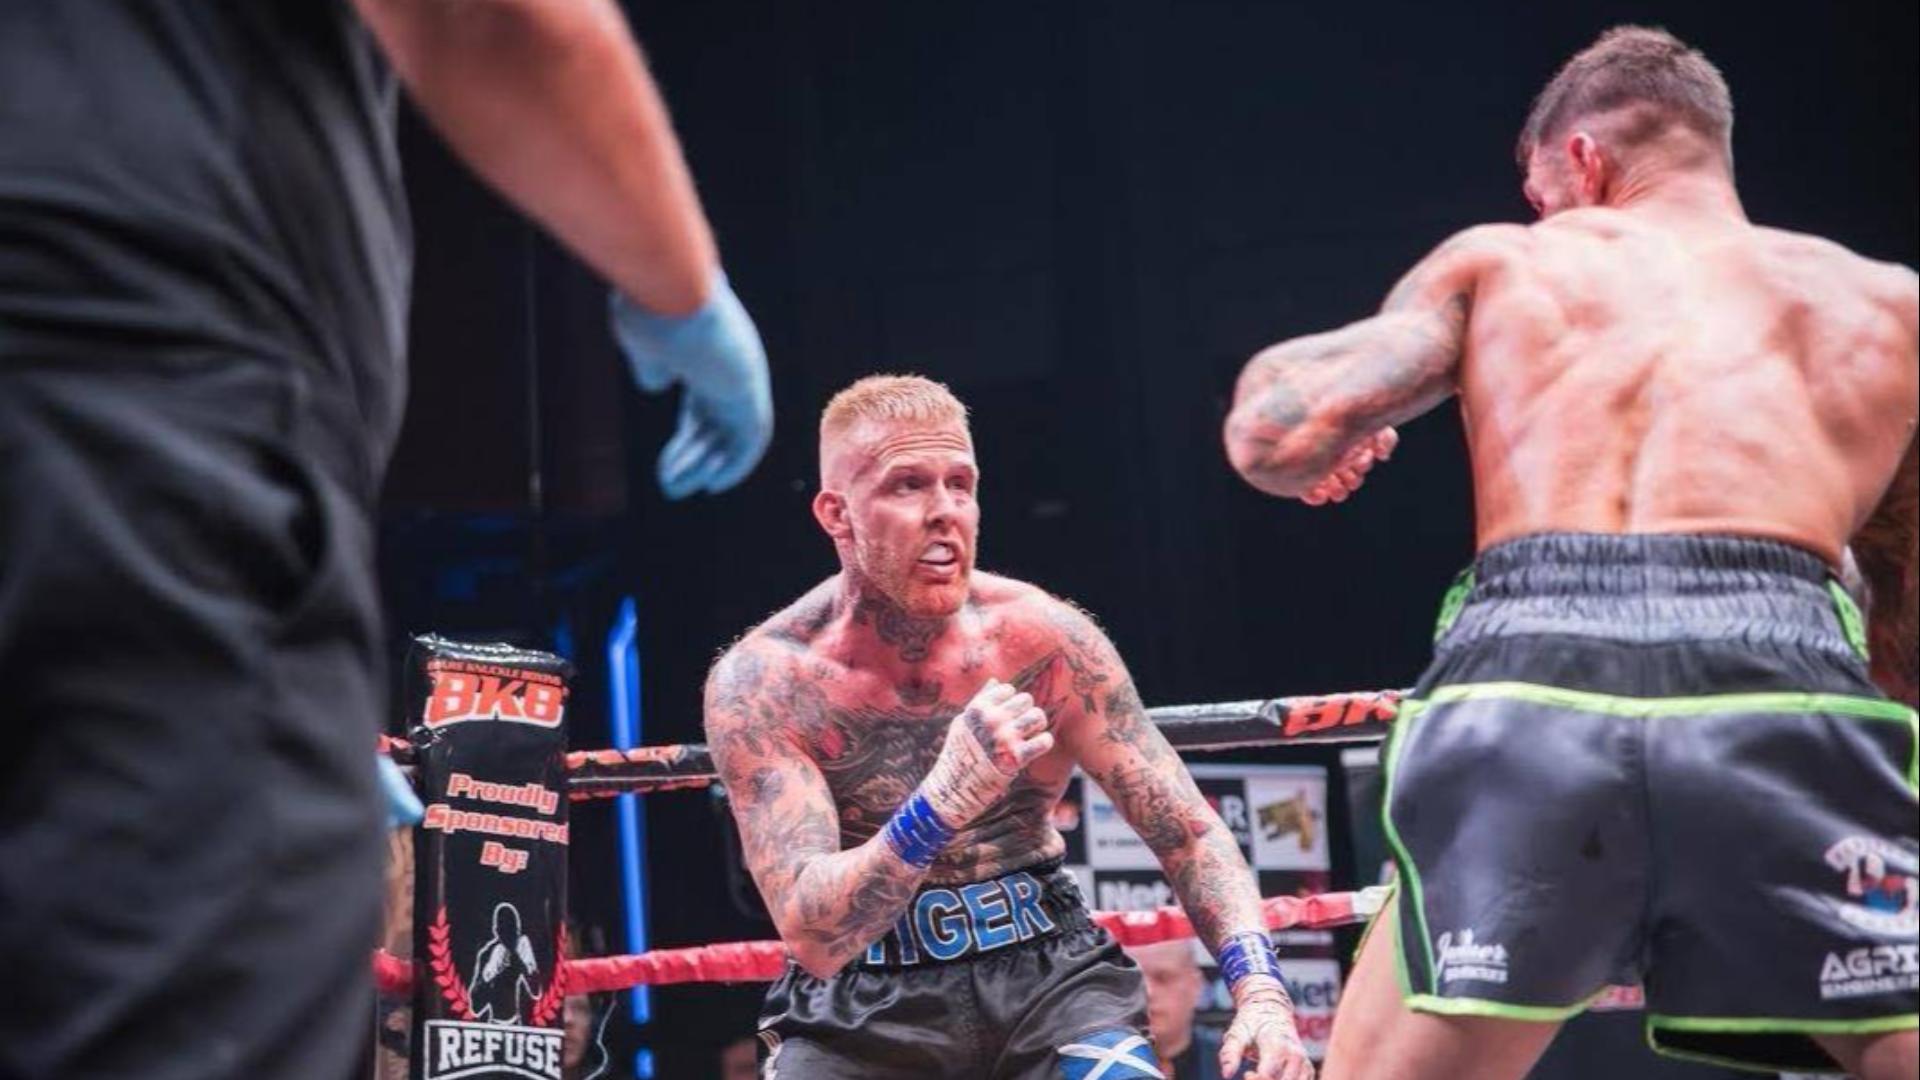 裸拳选手的心里素质够硬,只要不KO就要血战到底!